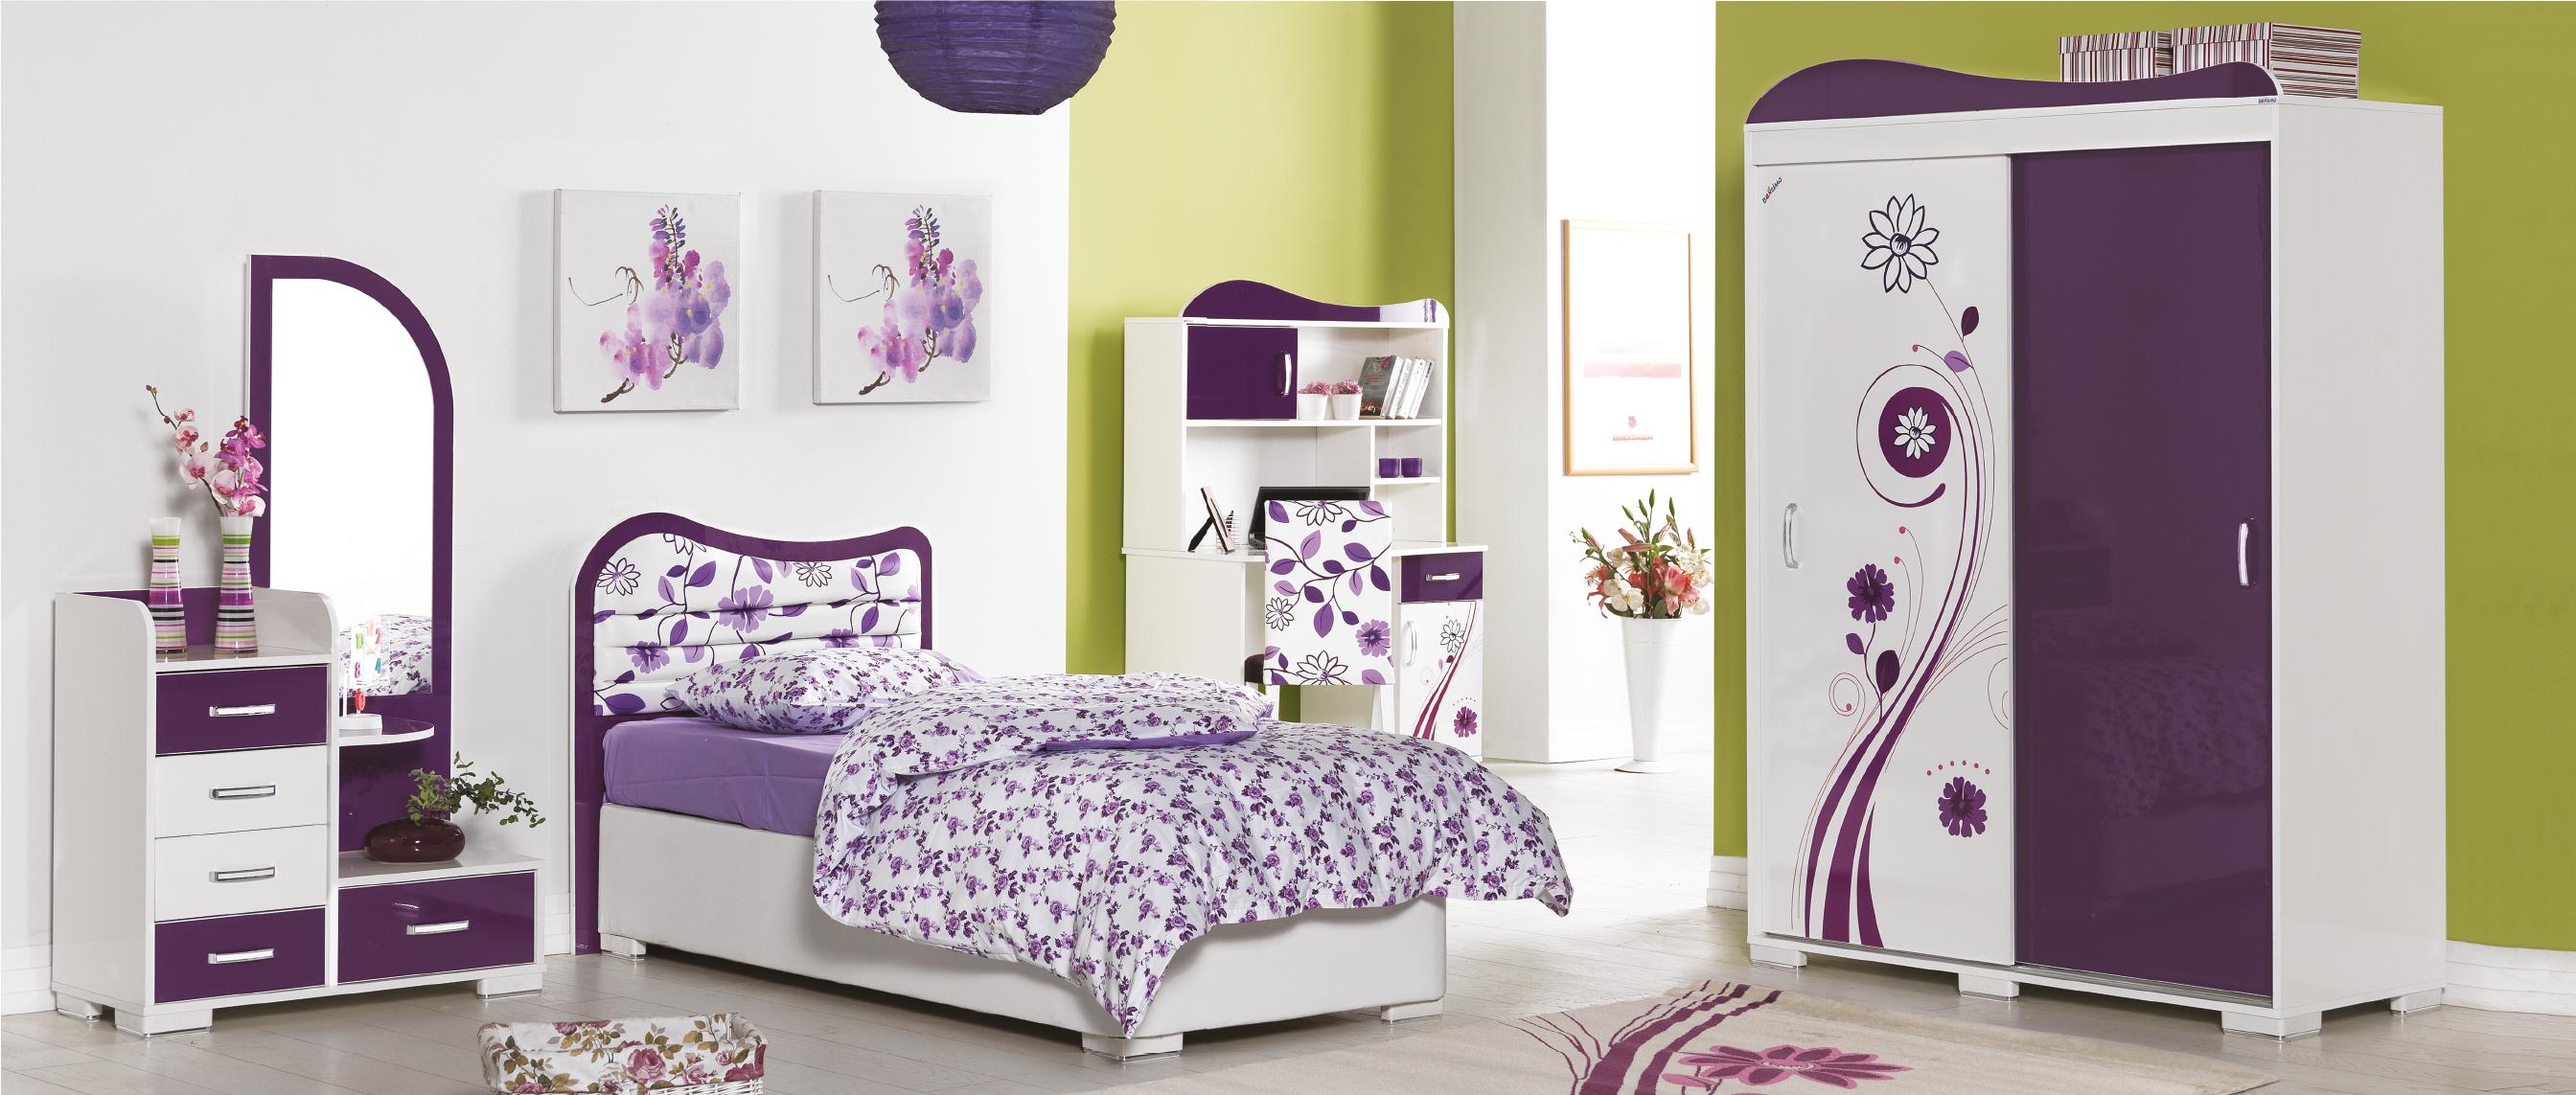 chambre vizyon nkl meuble wassa et deco. Black Bedroom Furniture Sets. Home Design Ideas